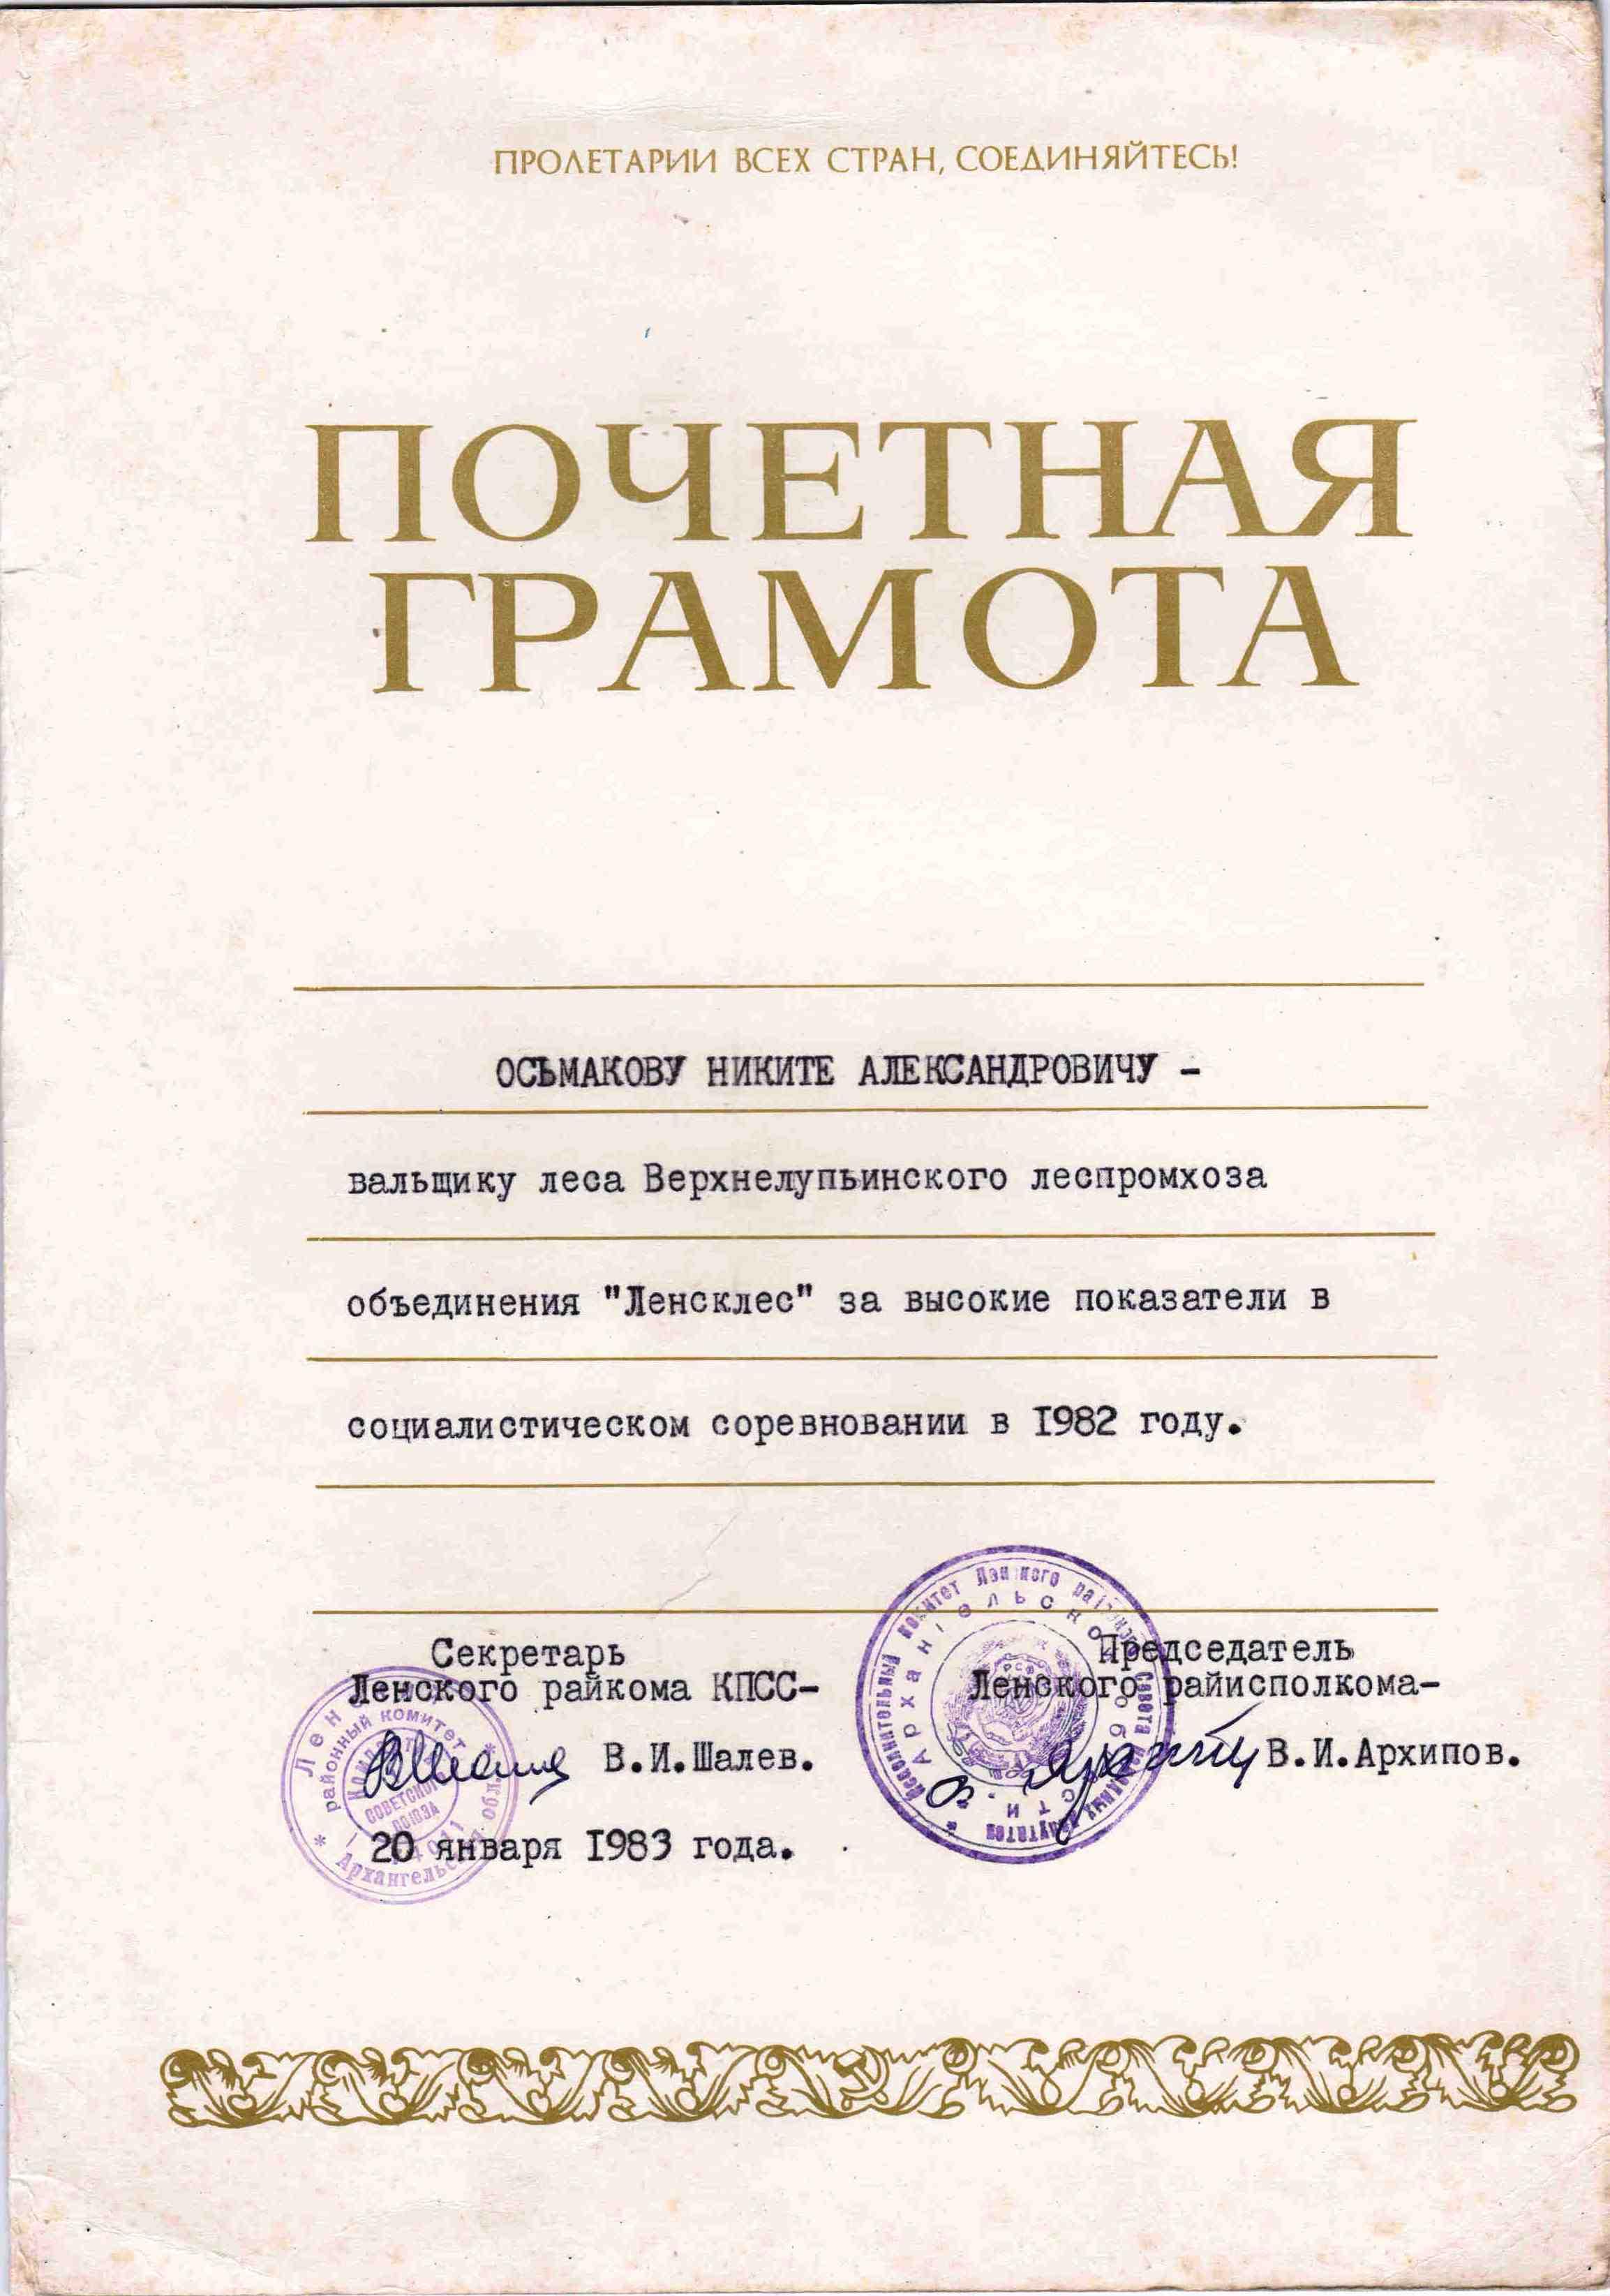 61. Почетная грамота, 1983 г.